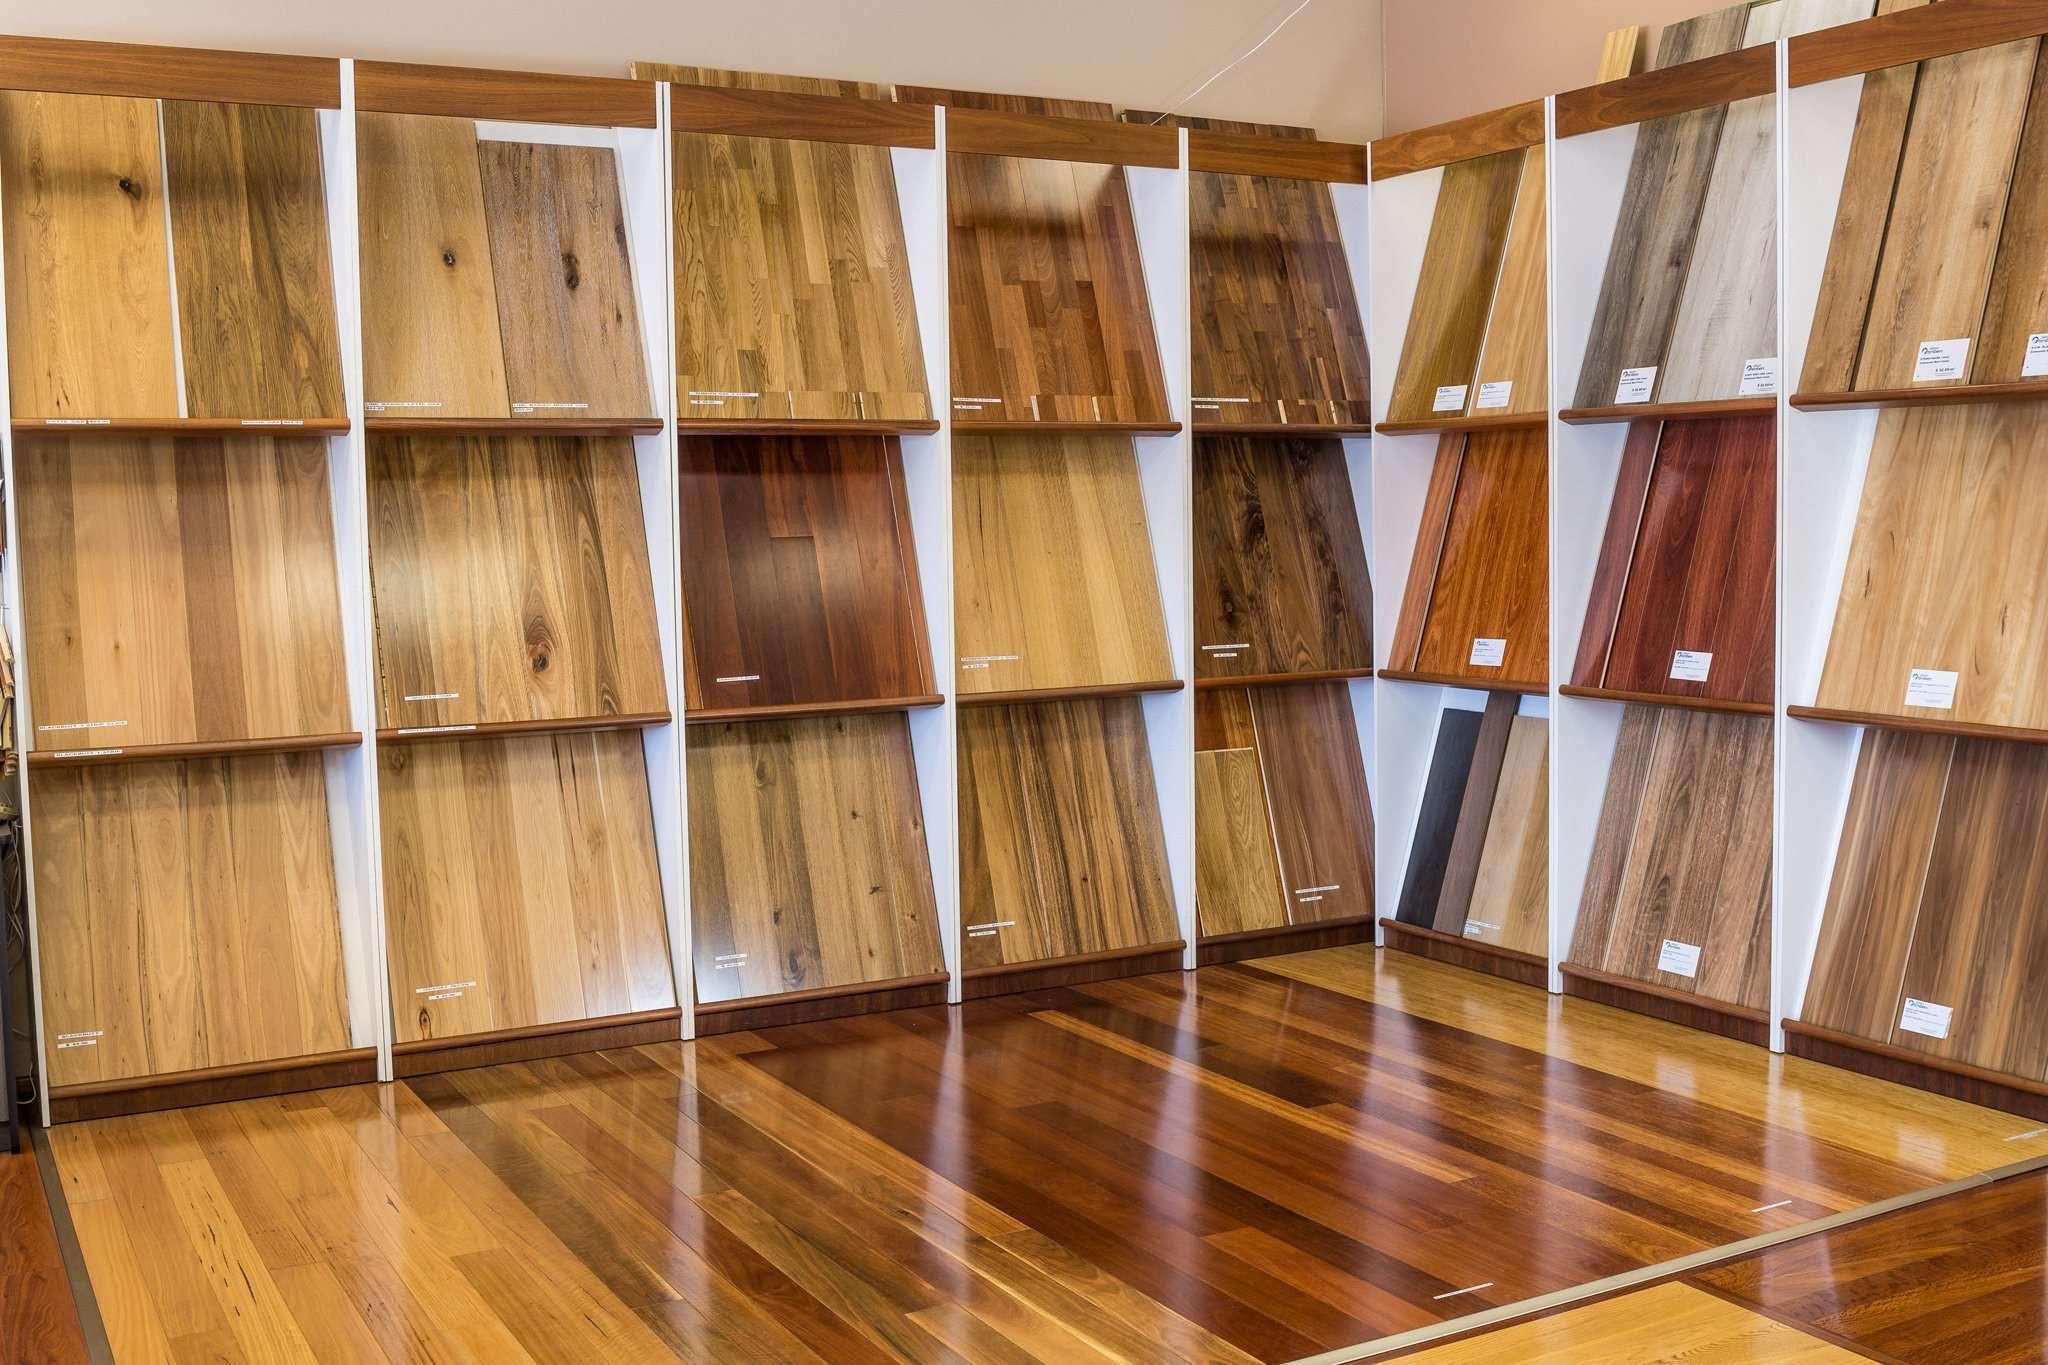 14 Fashionable Light Colored Hardwood Floors 2021 free download light colored hardwood floors of wood floor price lists a1 wood floors inside 12mm laminate on sale 28 00 mac2b2